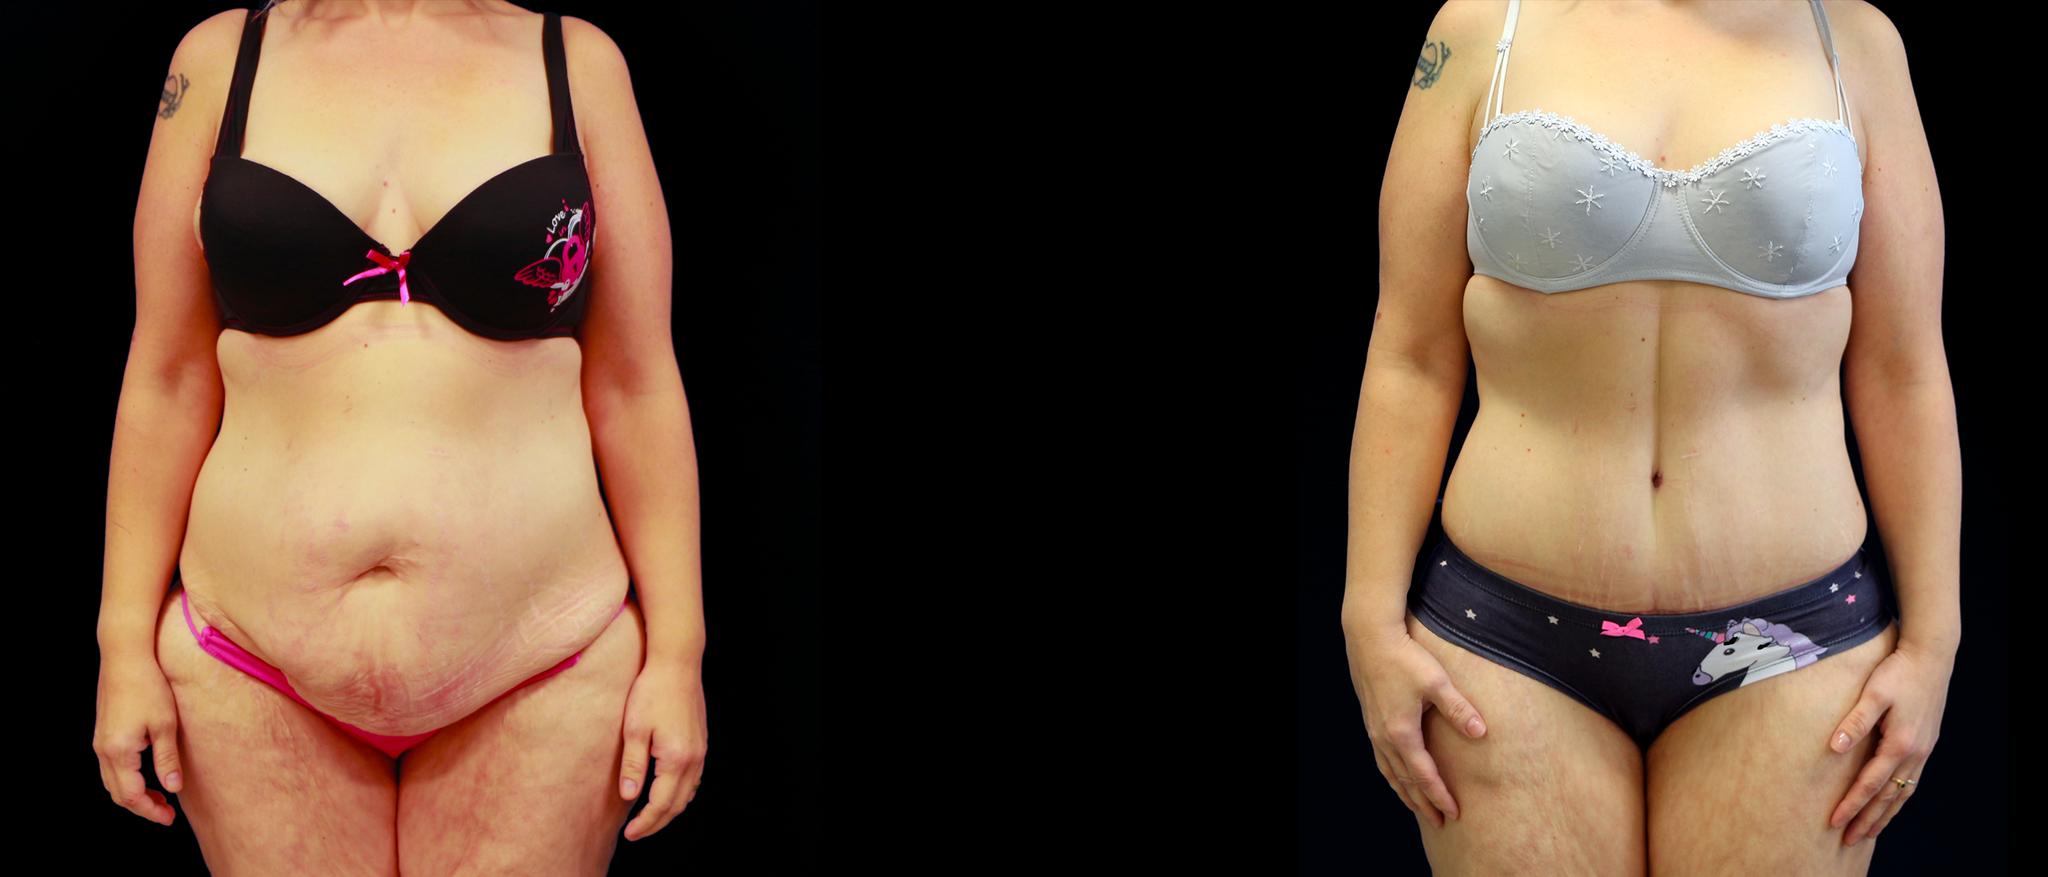 Plastie abdominale Face Avant / Après Dr Vivien Moris